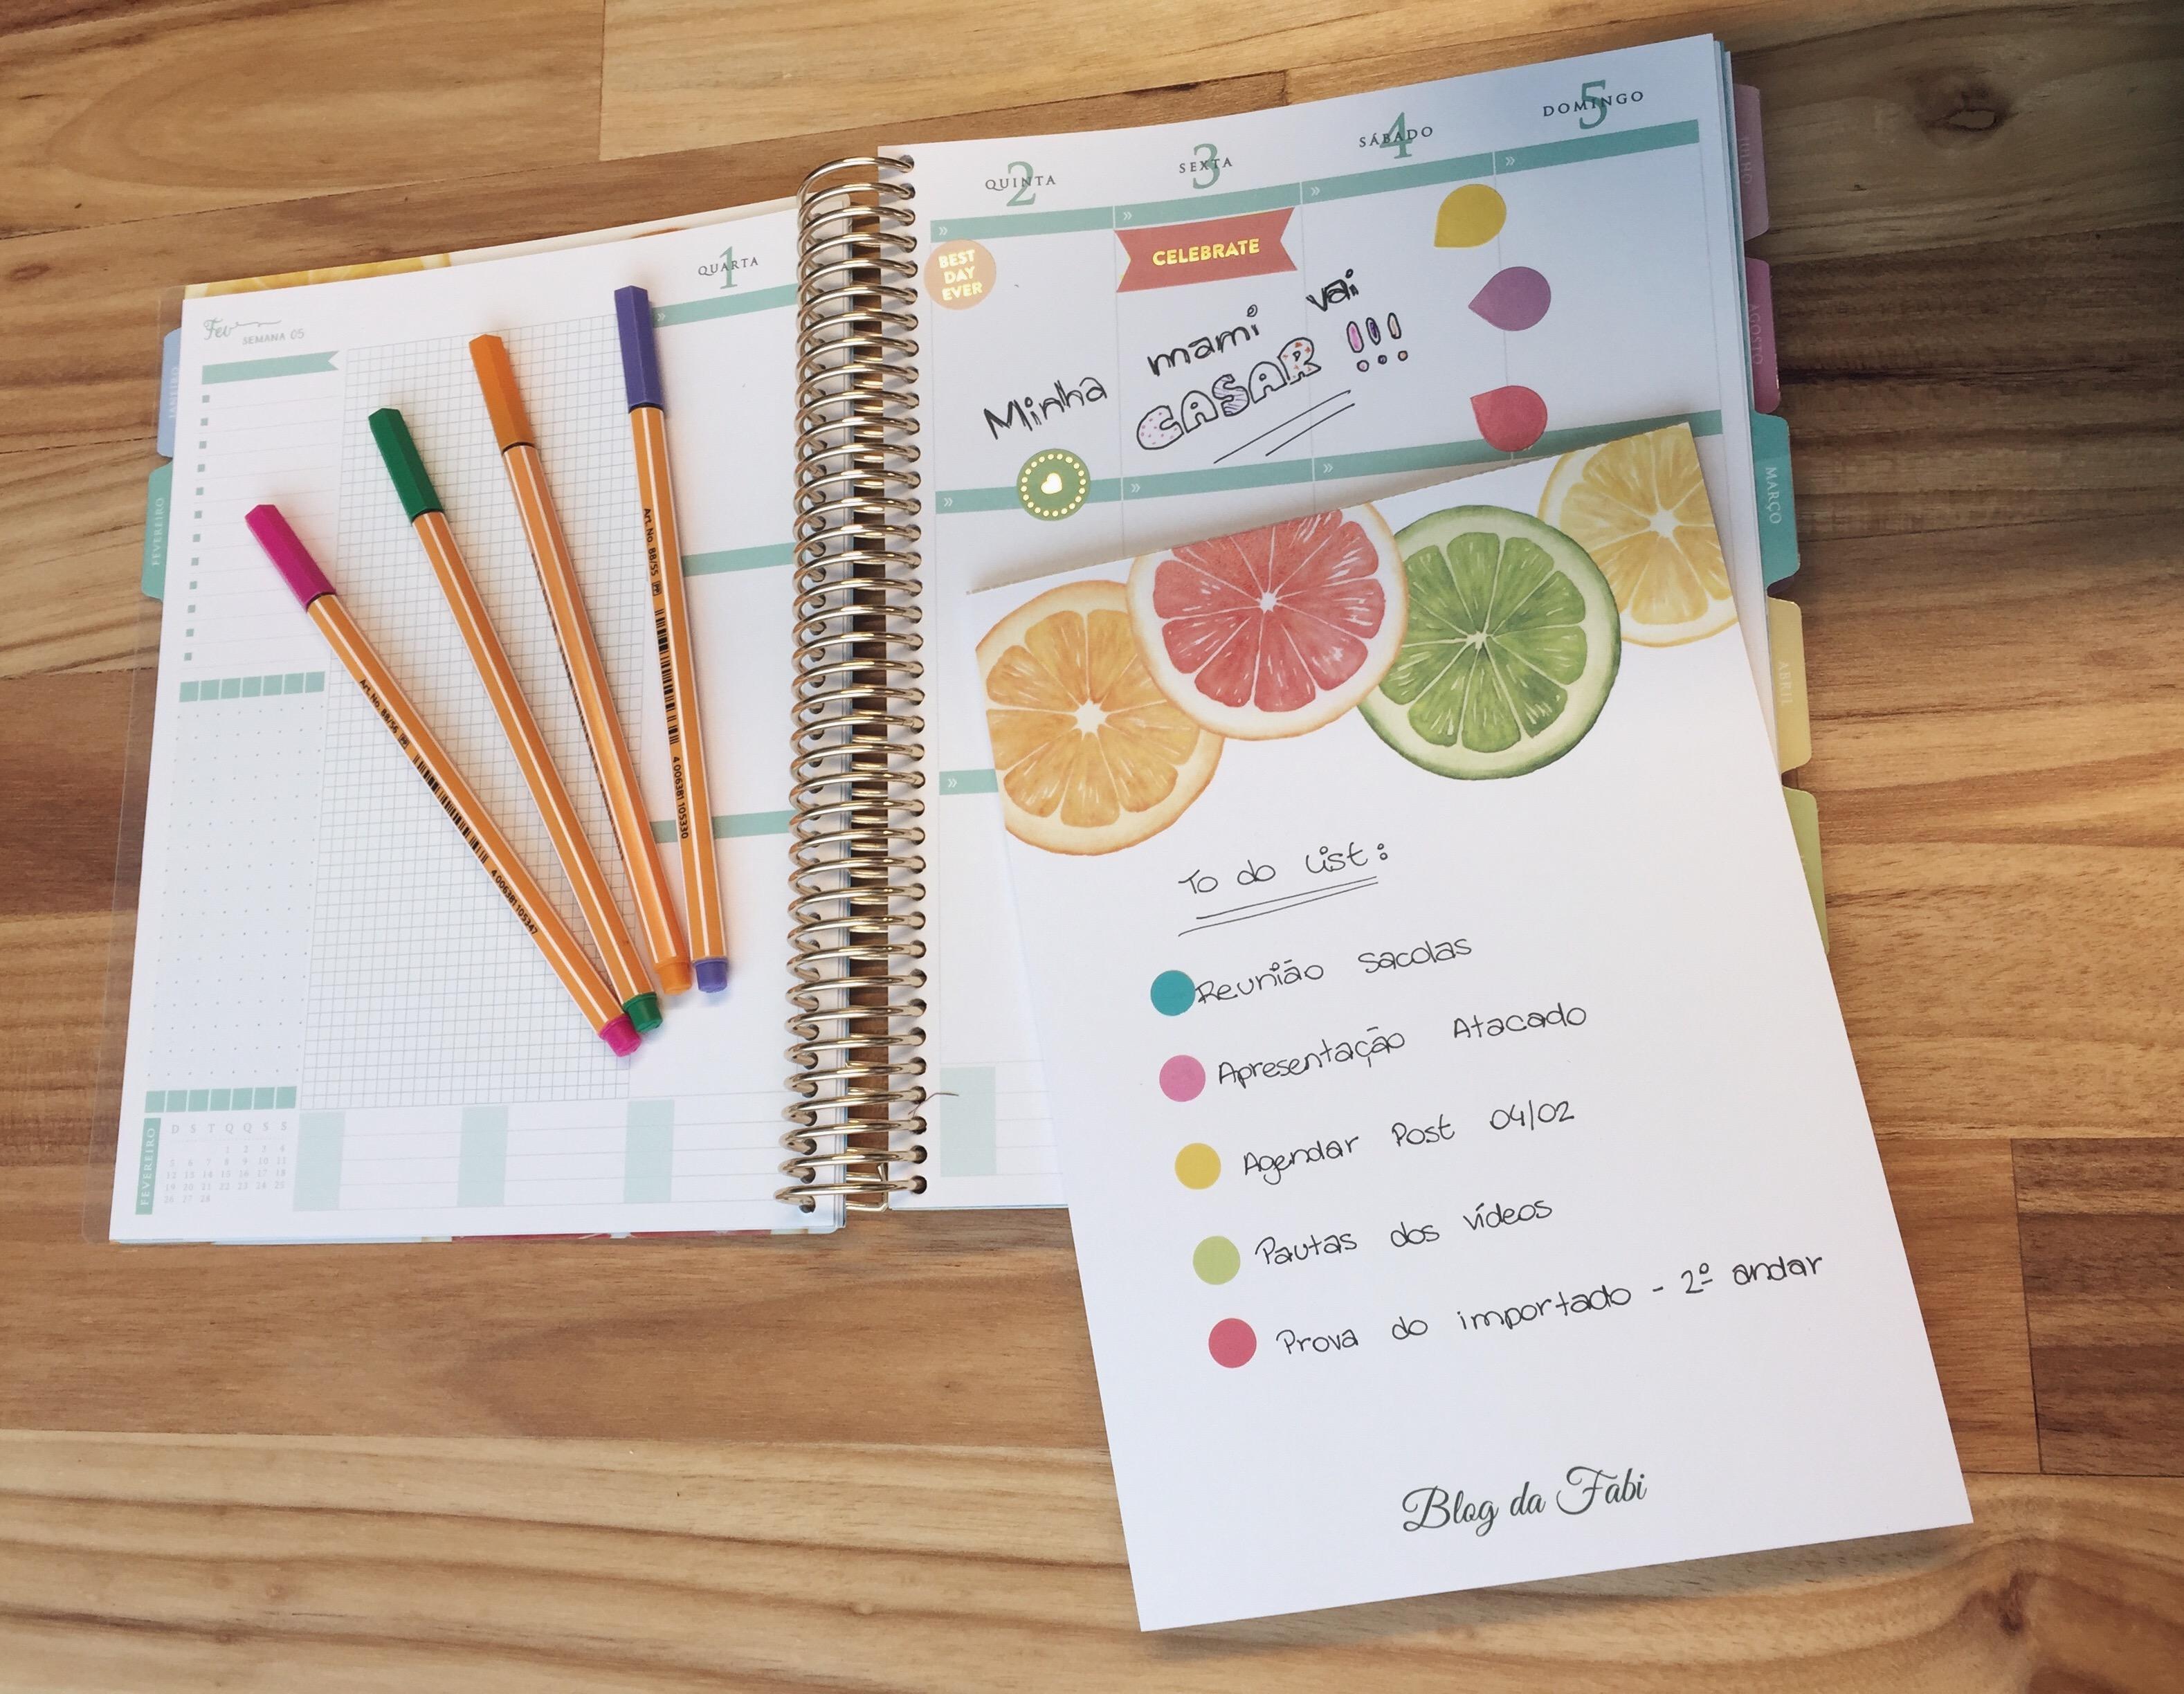 Esse bloco de notas é ótimo! Uso muito como rascunho, antes de passar os compromisso para o planner! E também carrego comigo em todas as reuniões! :)